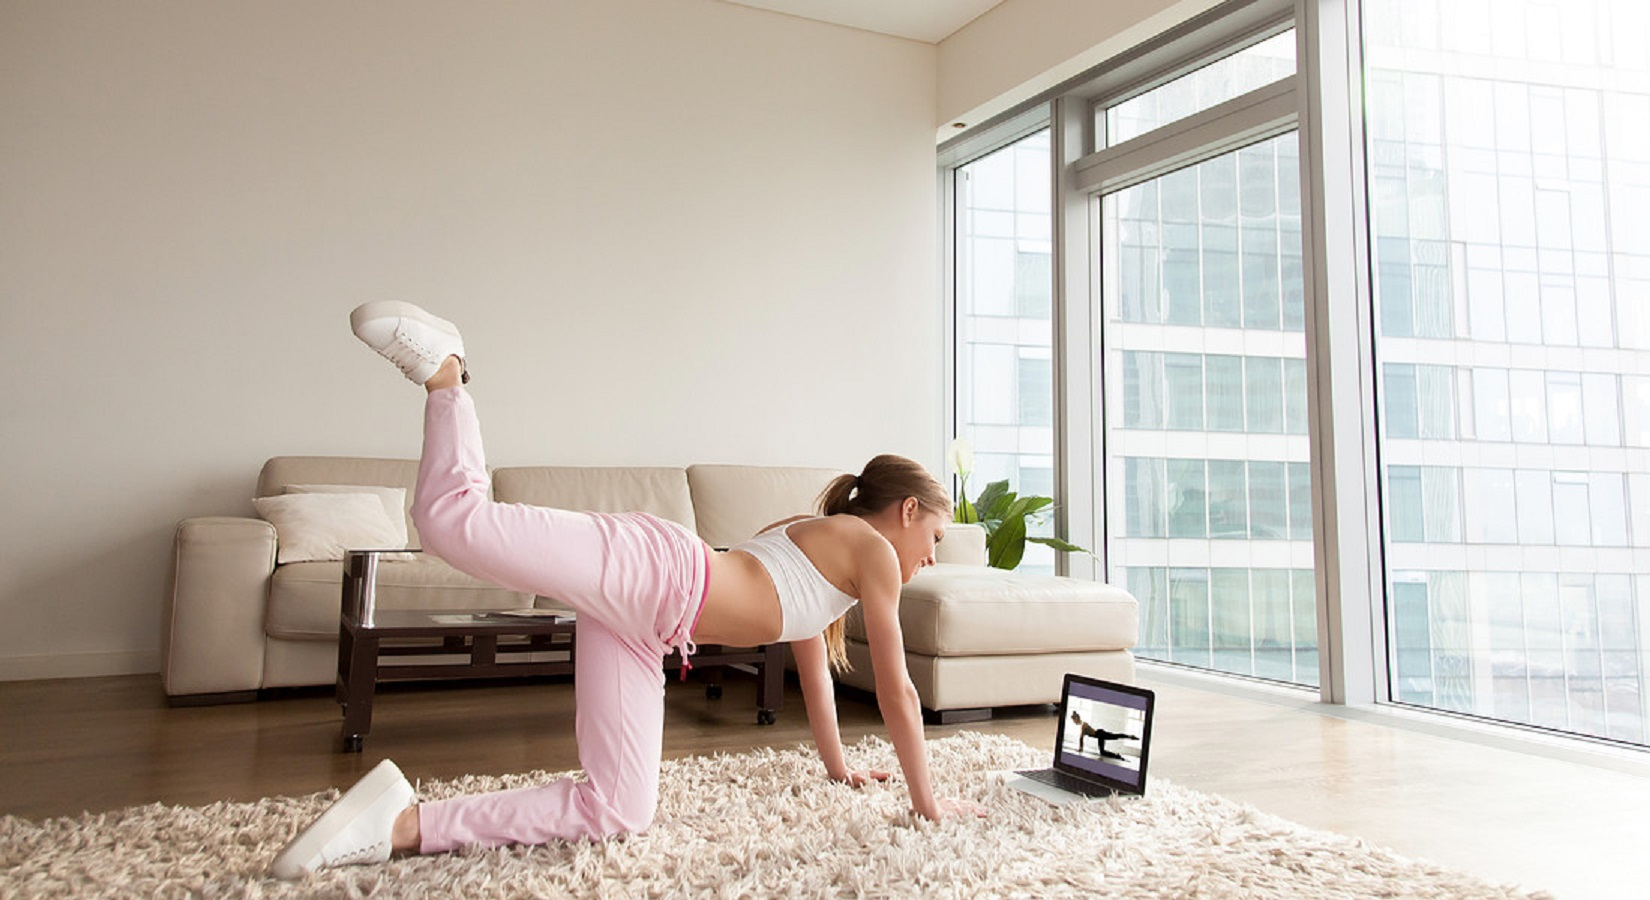 Glutei sodi in 10 minuti: il booty workout da provare